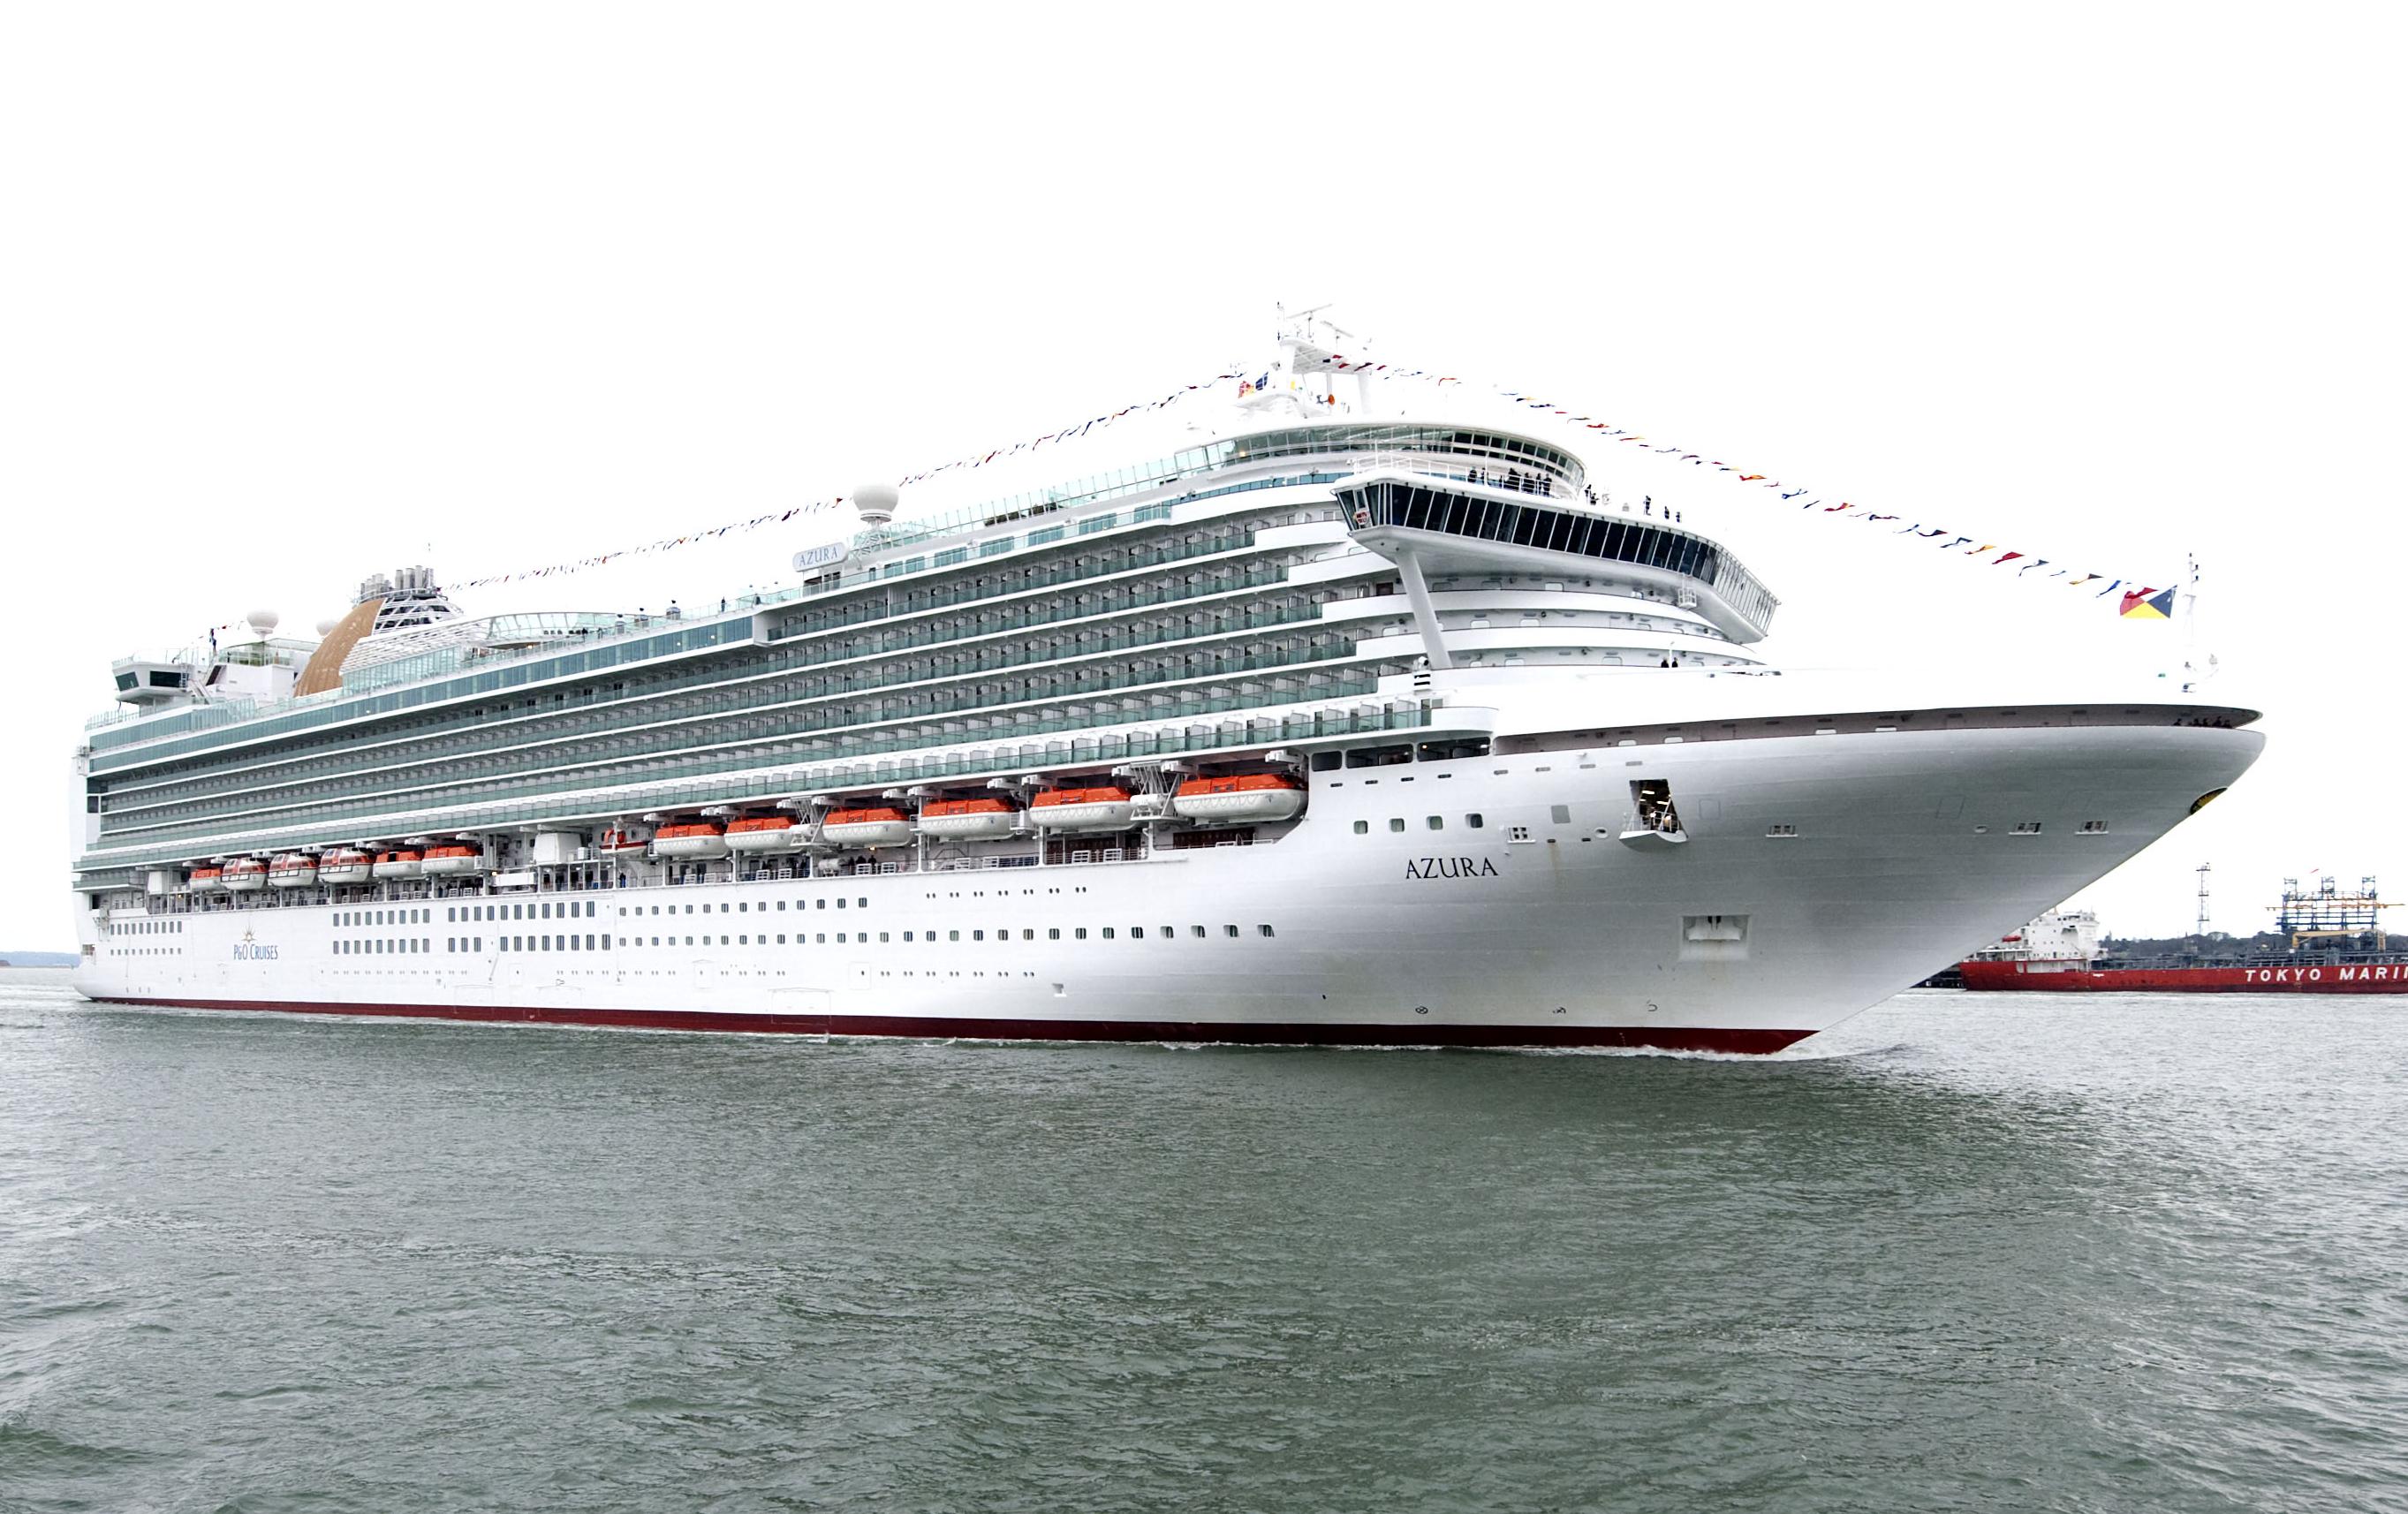 Pu0026O Cruises Azura Pu0026O Cruises MV Azura